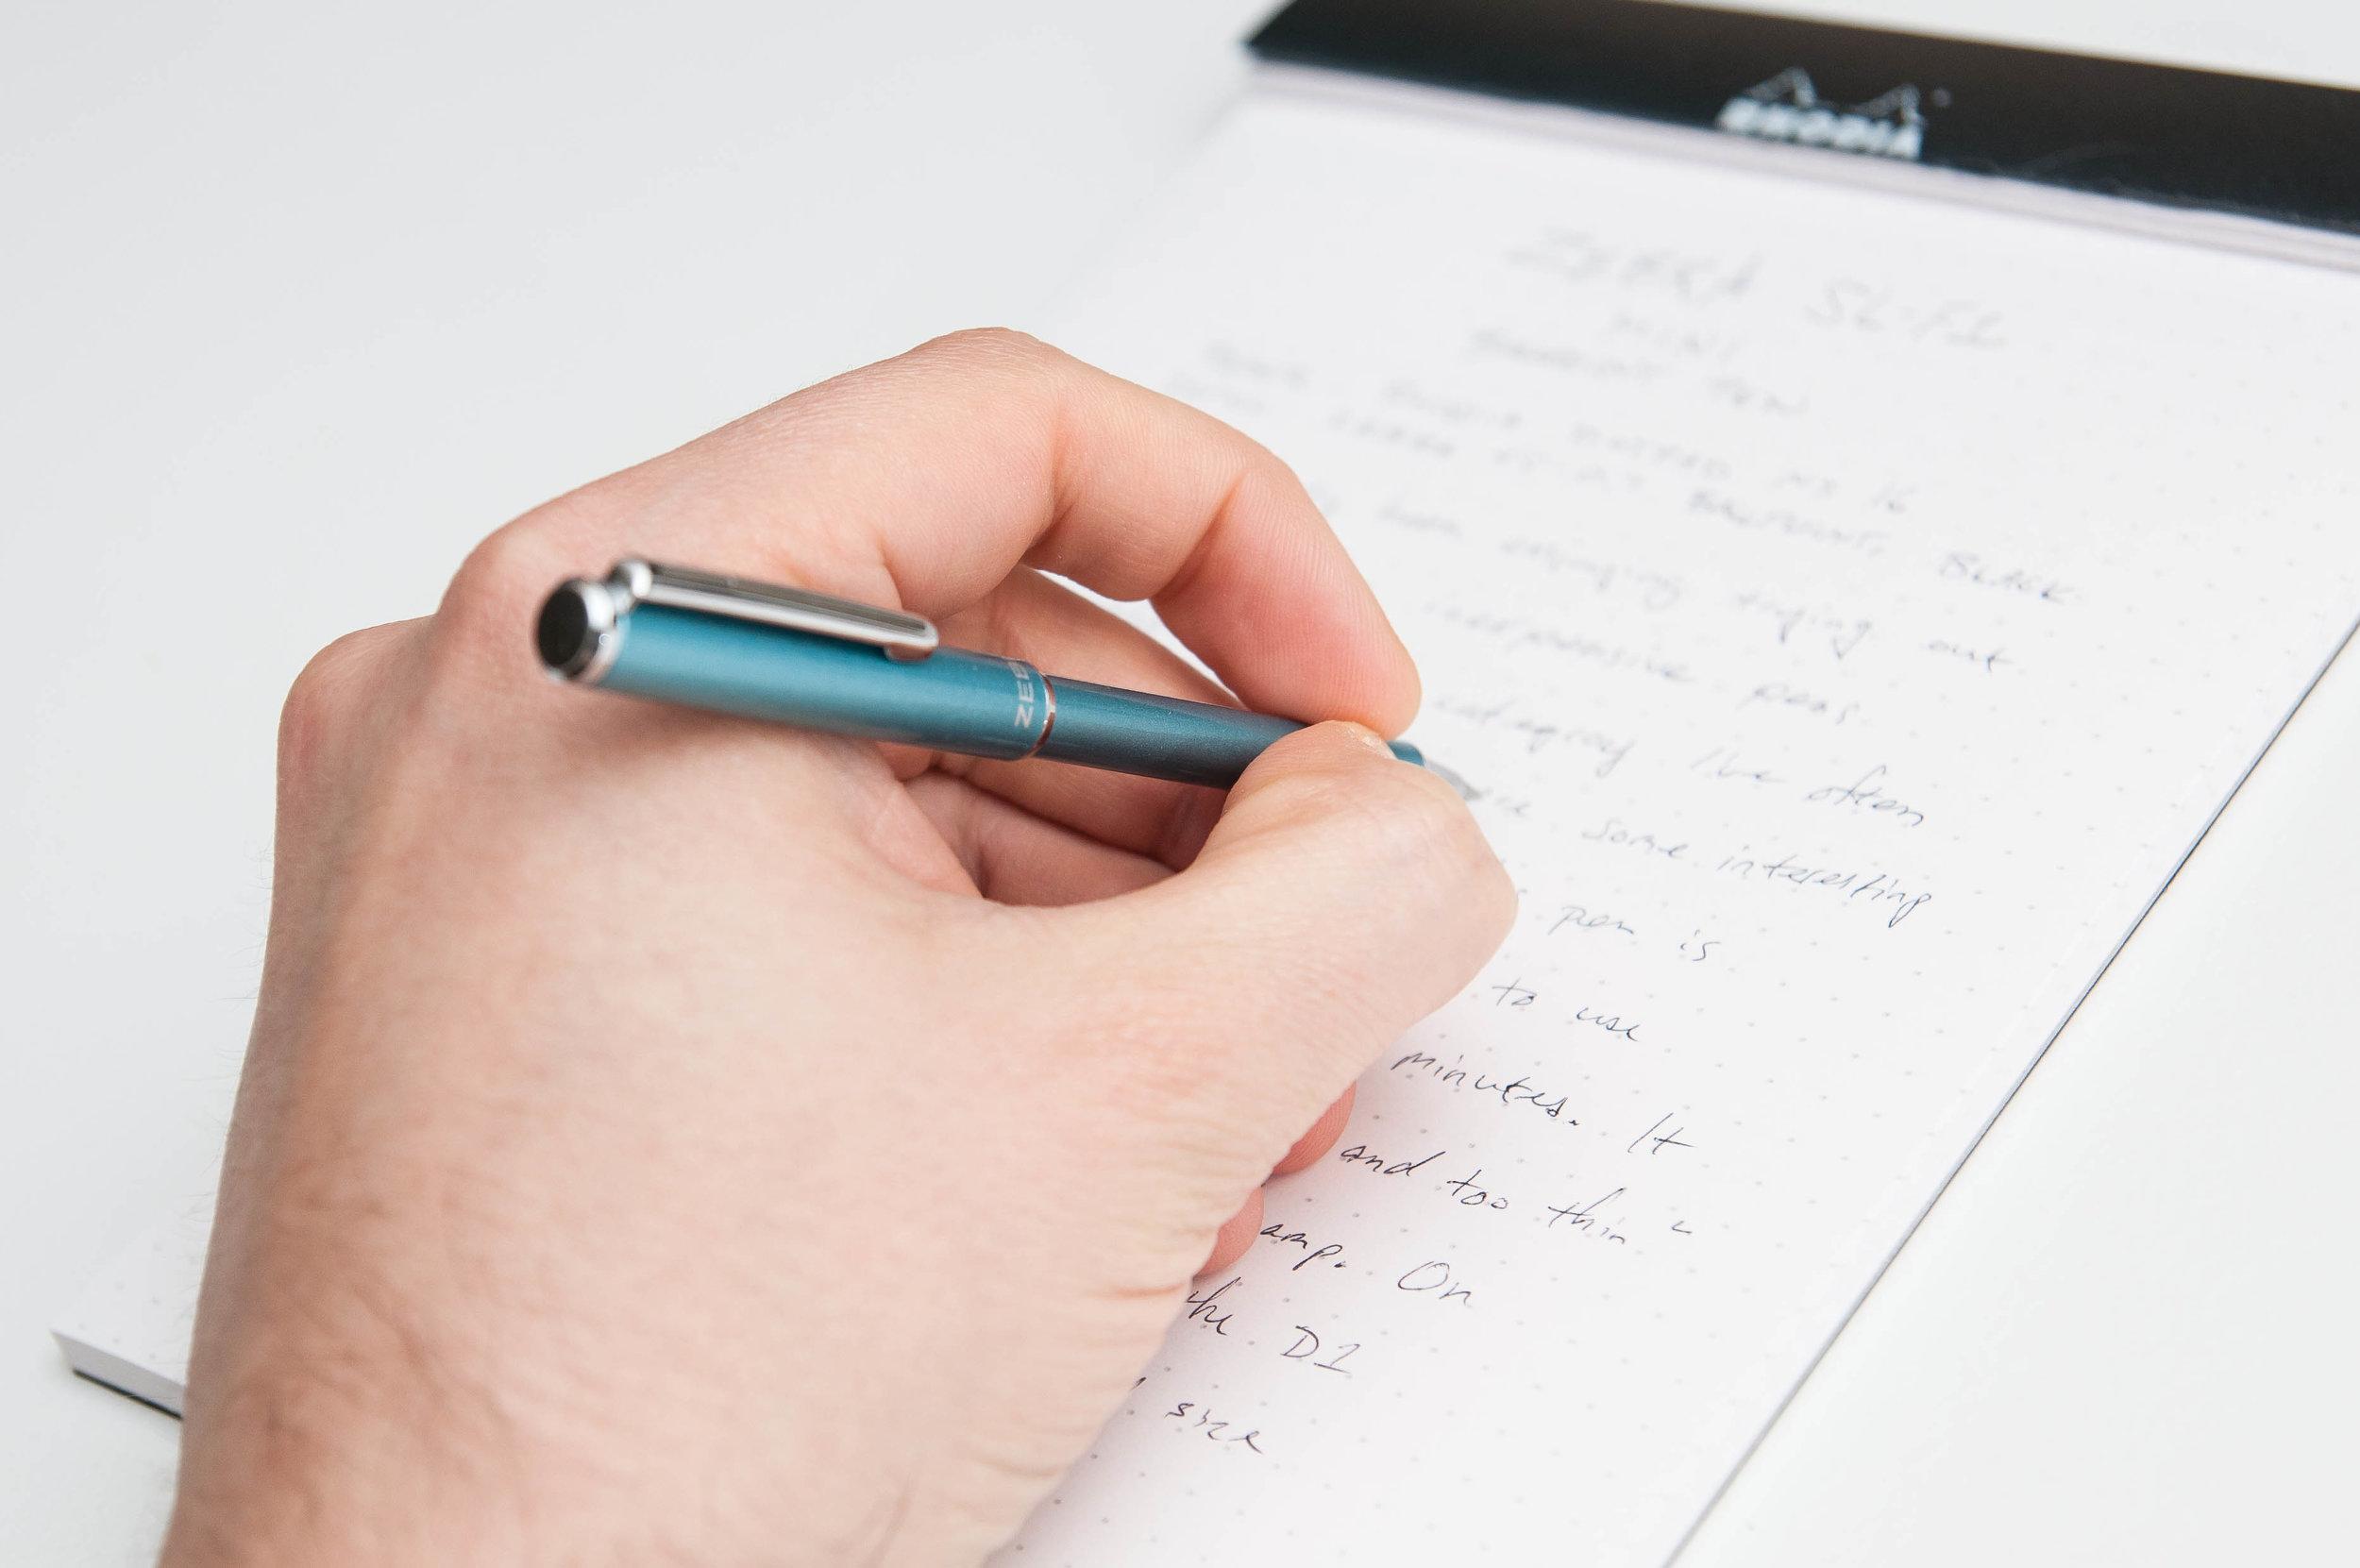 Zebra SL-F1 Mini Ballpoint Pen